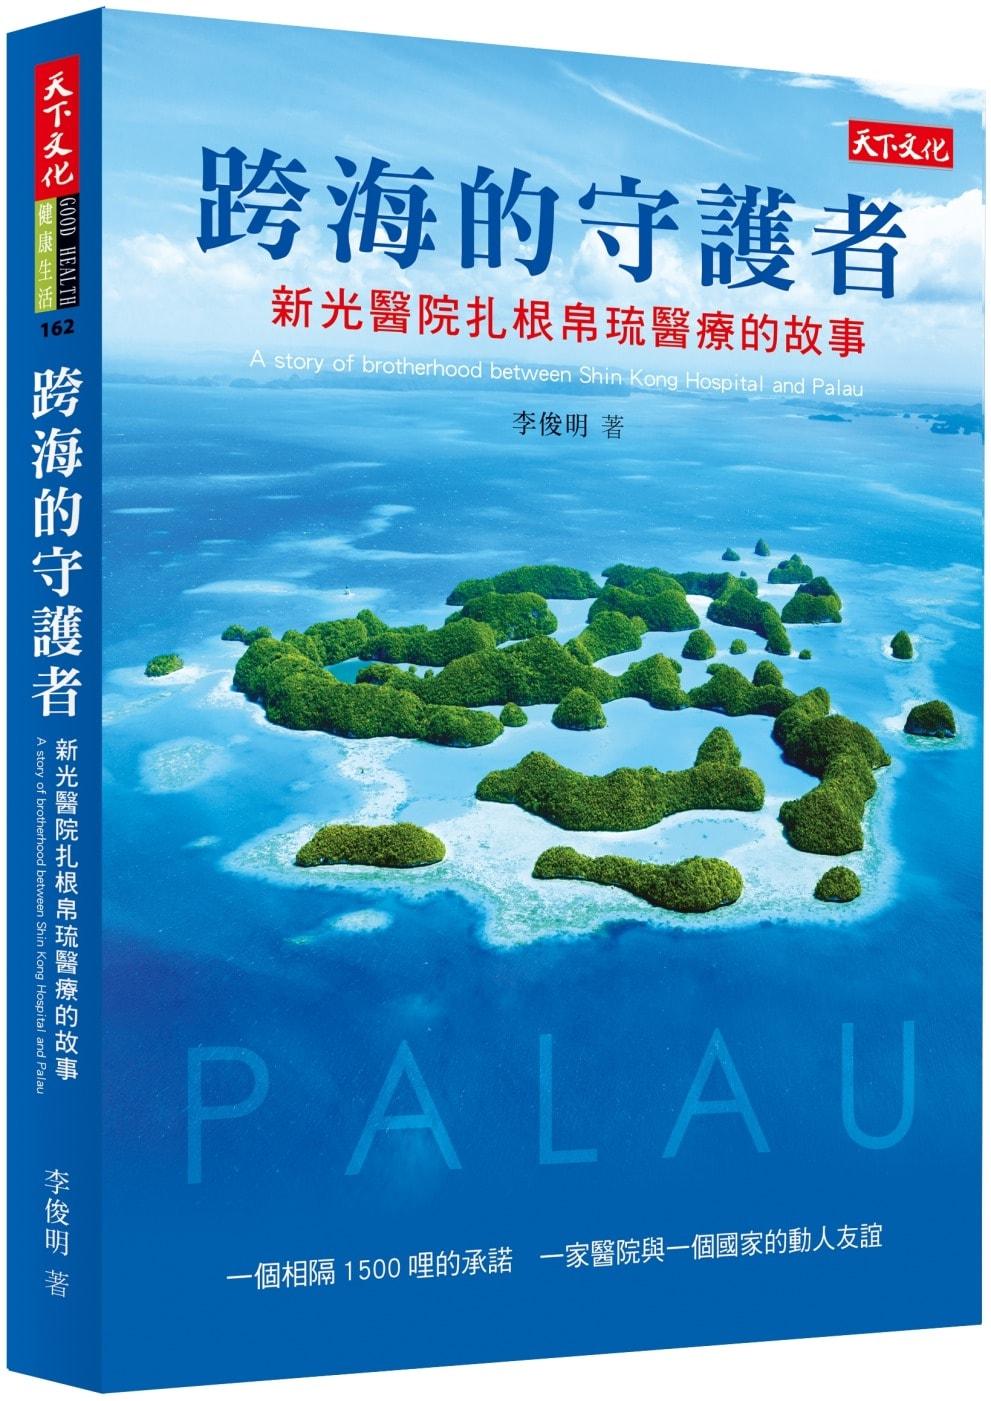 跨海的守護者:新光醫院扎根帛琉醫療的故事